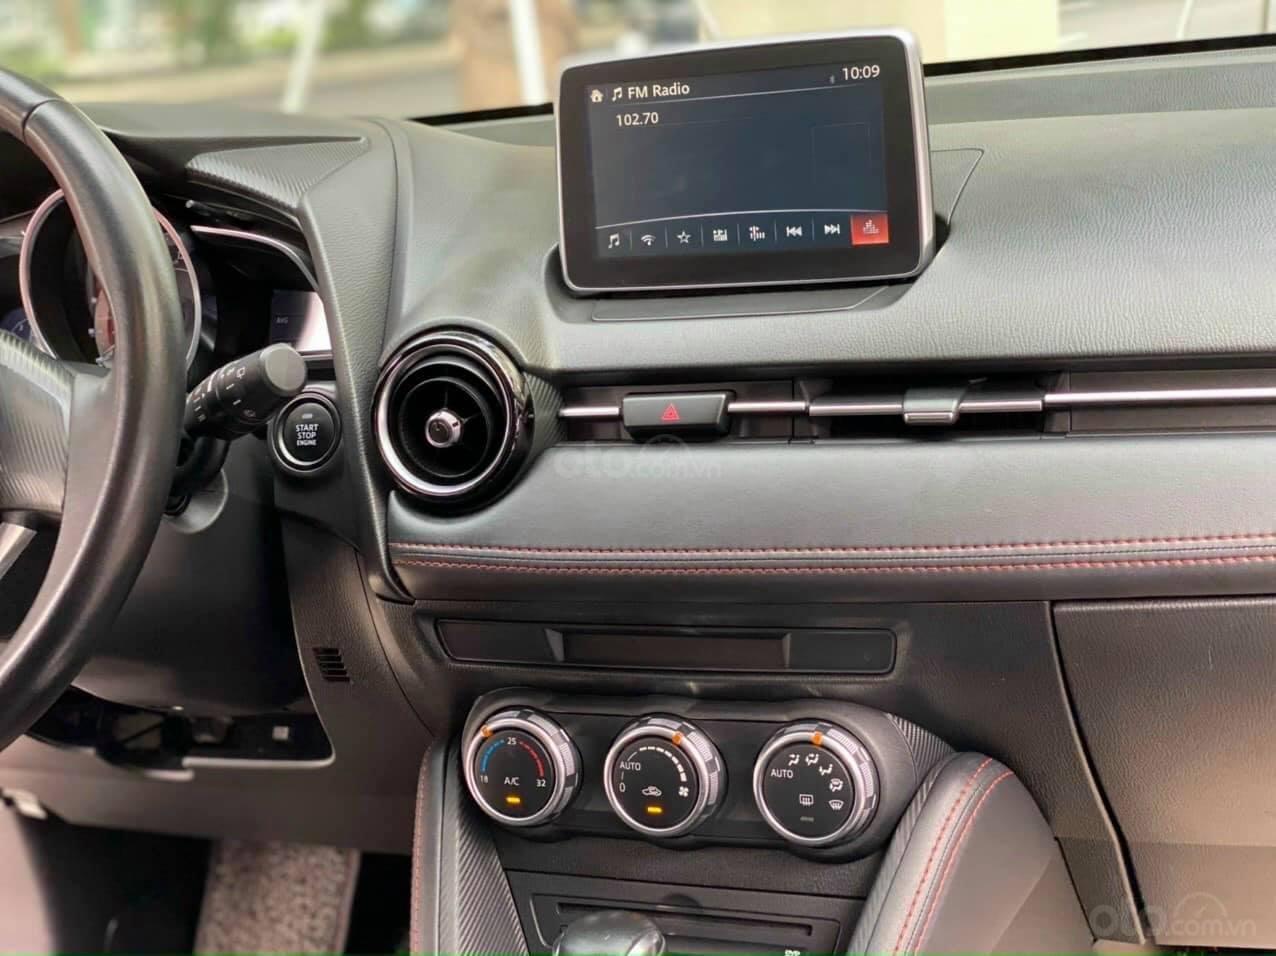 Mua xe giá thấp với chiếc Mazda 2 đời 2016 bản hatchback, xe còn mới (3)